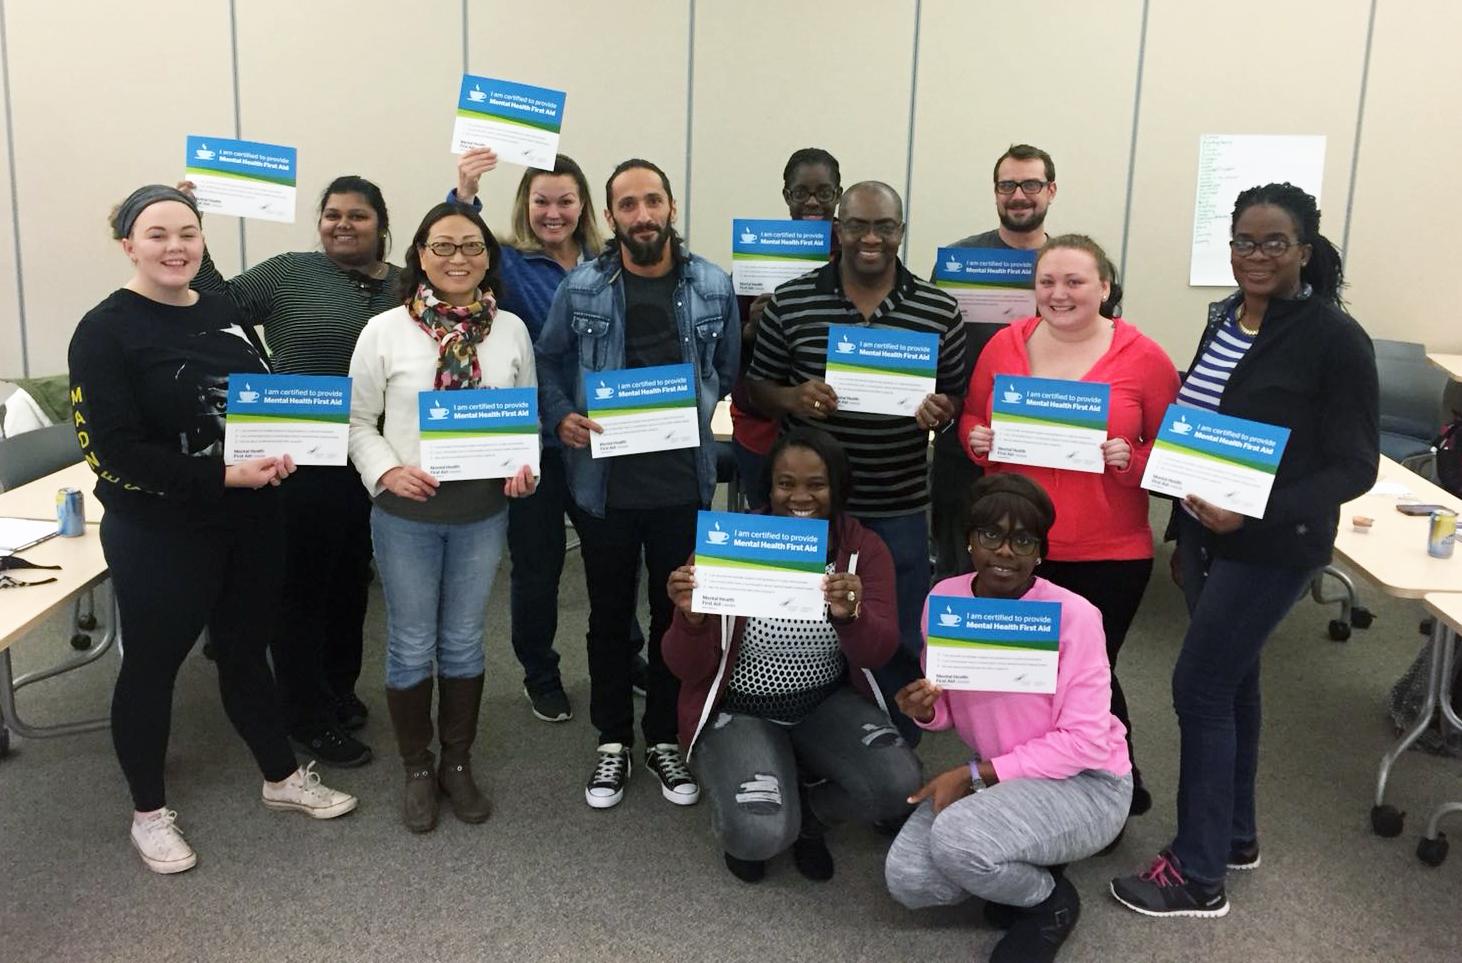 Fall 2018 Professional Development Fund Workshops - SANQC